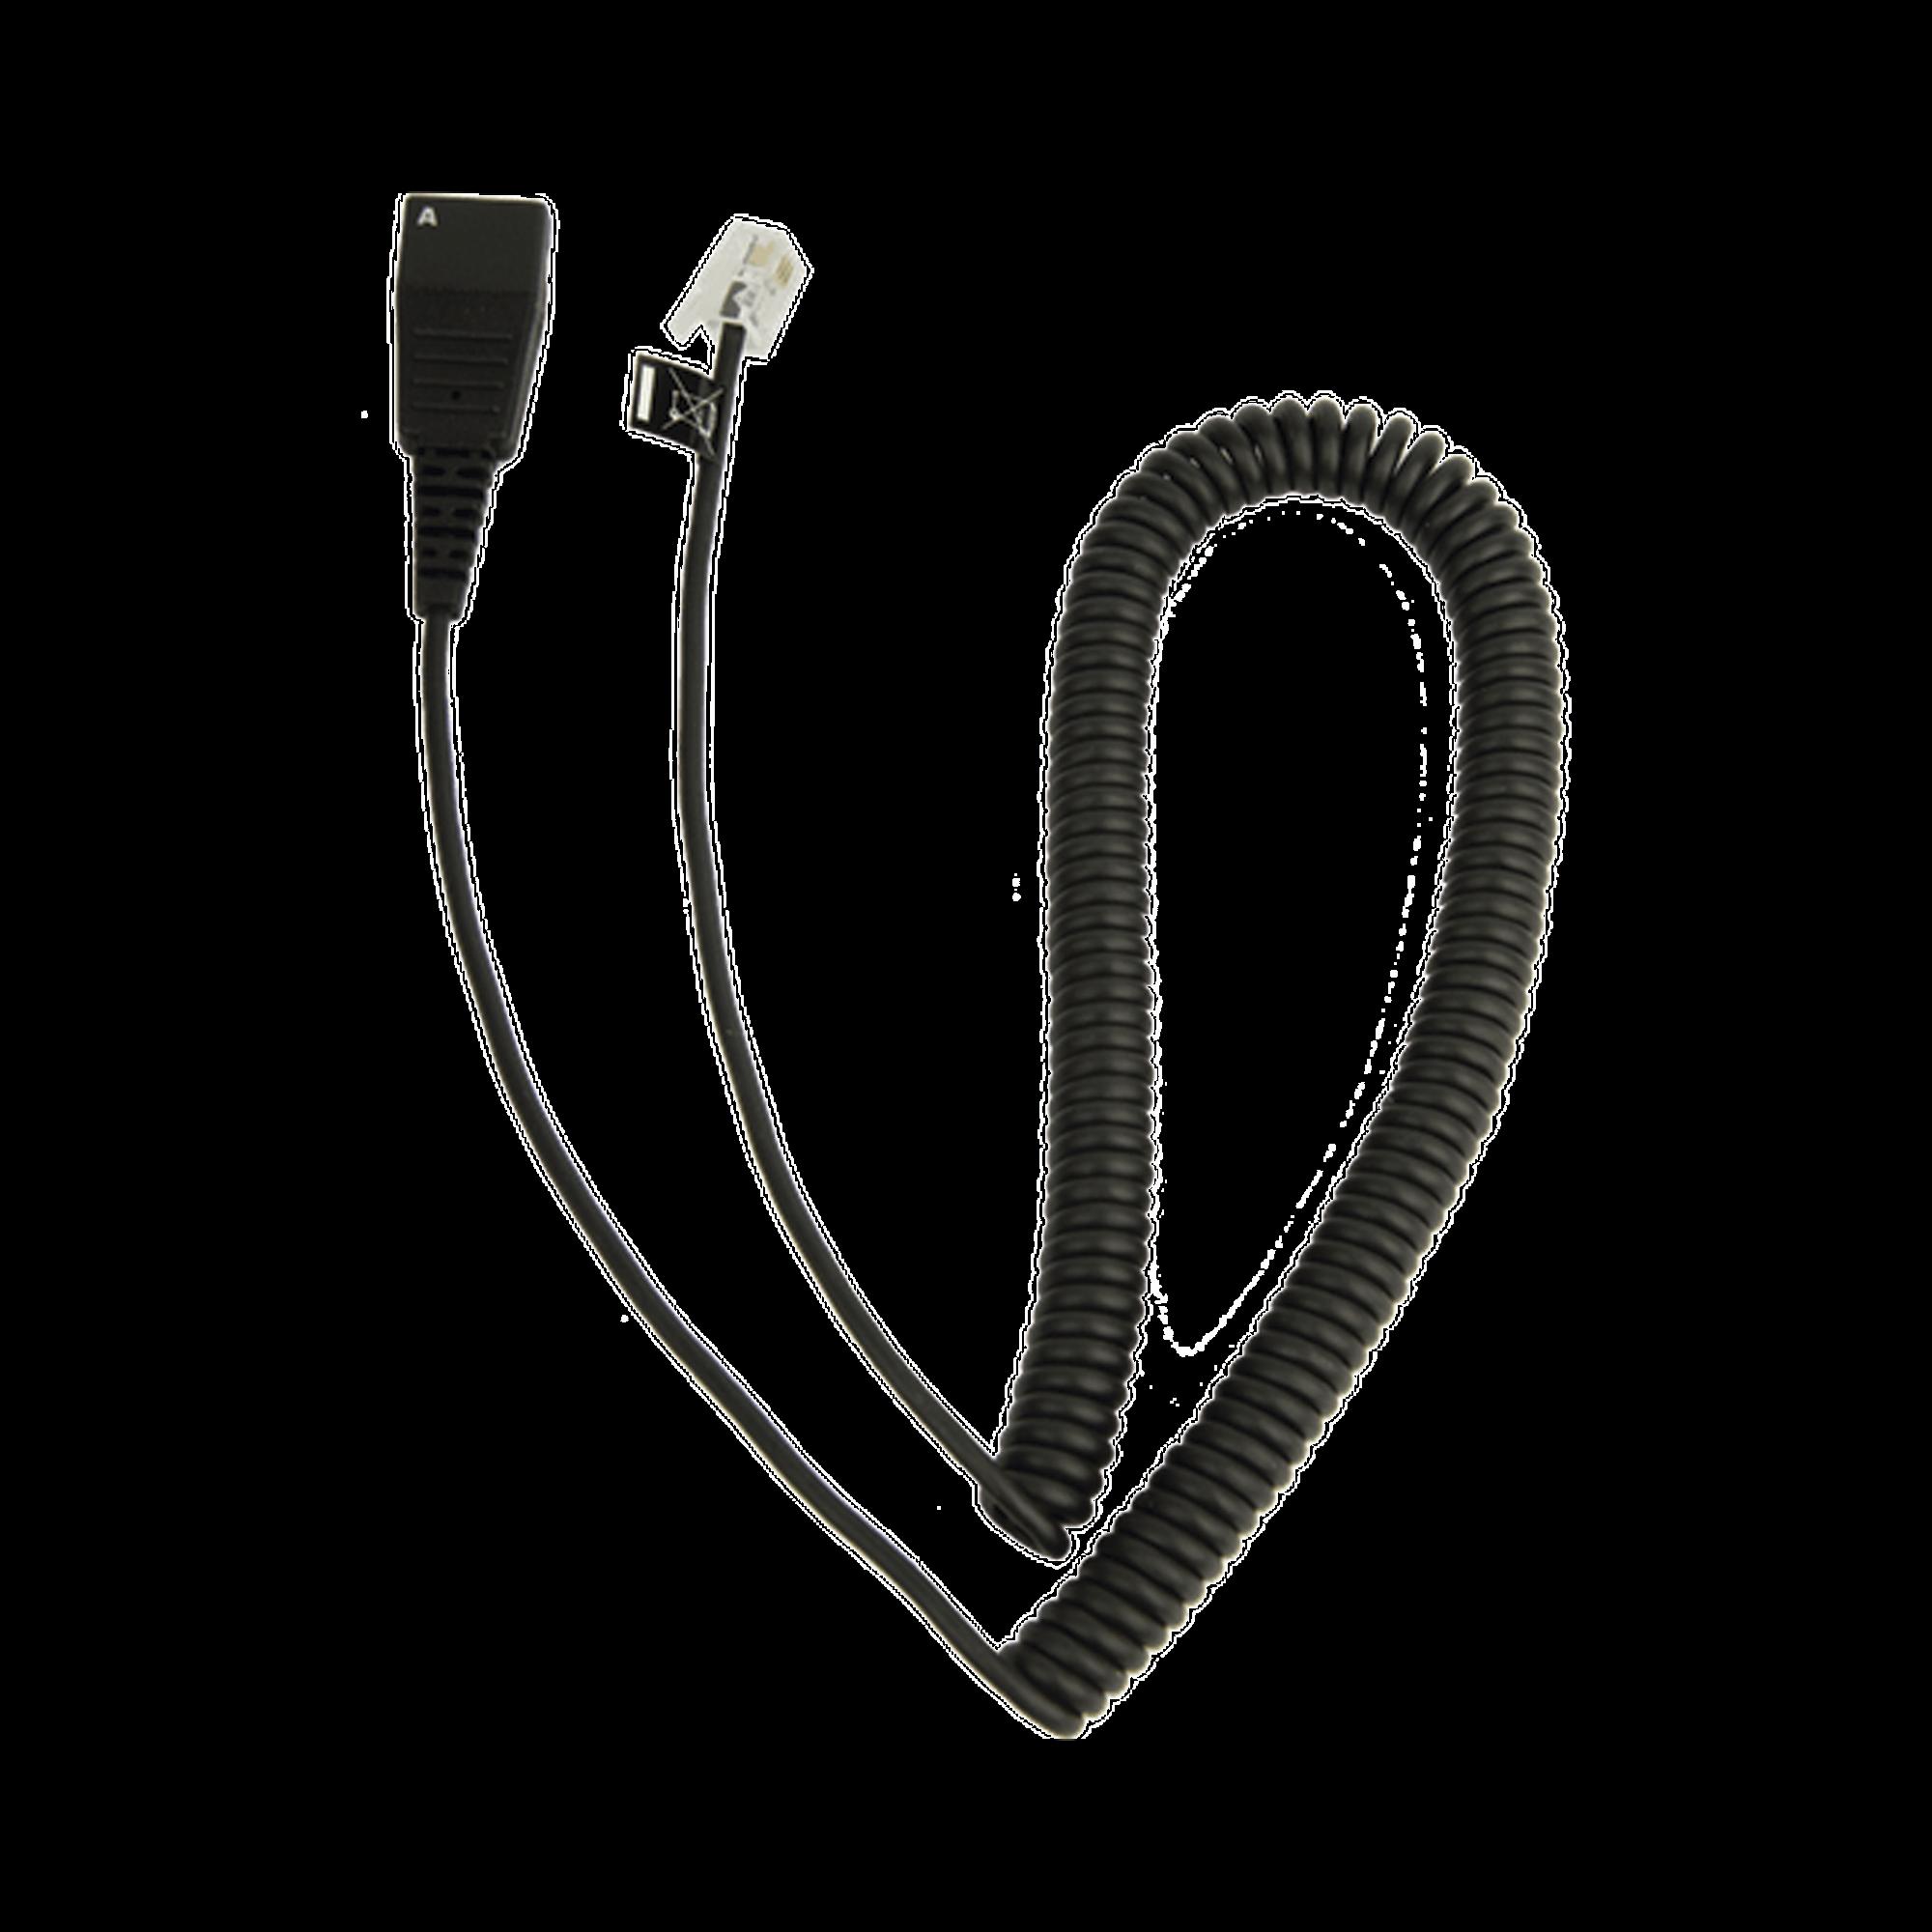 Jabra Cord - Cable enroscado con conexión QD a modular RJ para teléfonos IP de CISCO (8800-01-37)